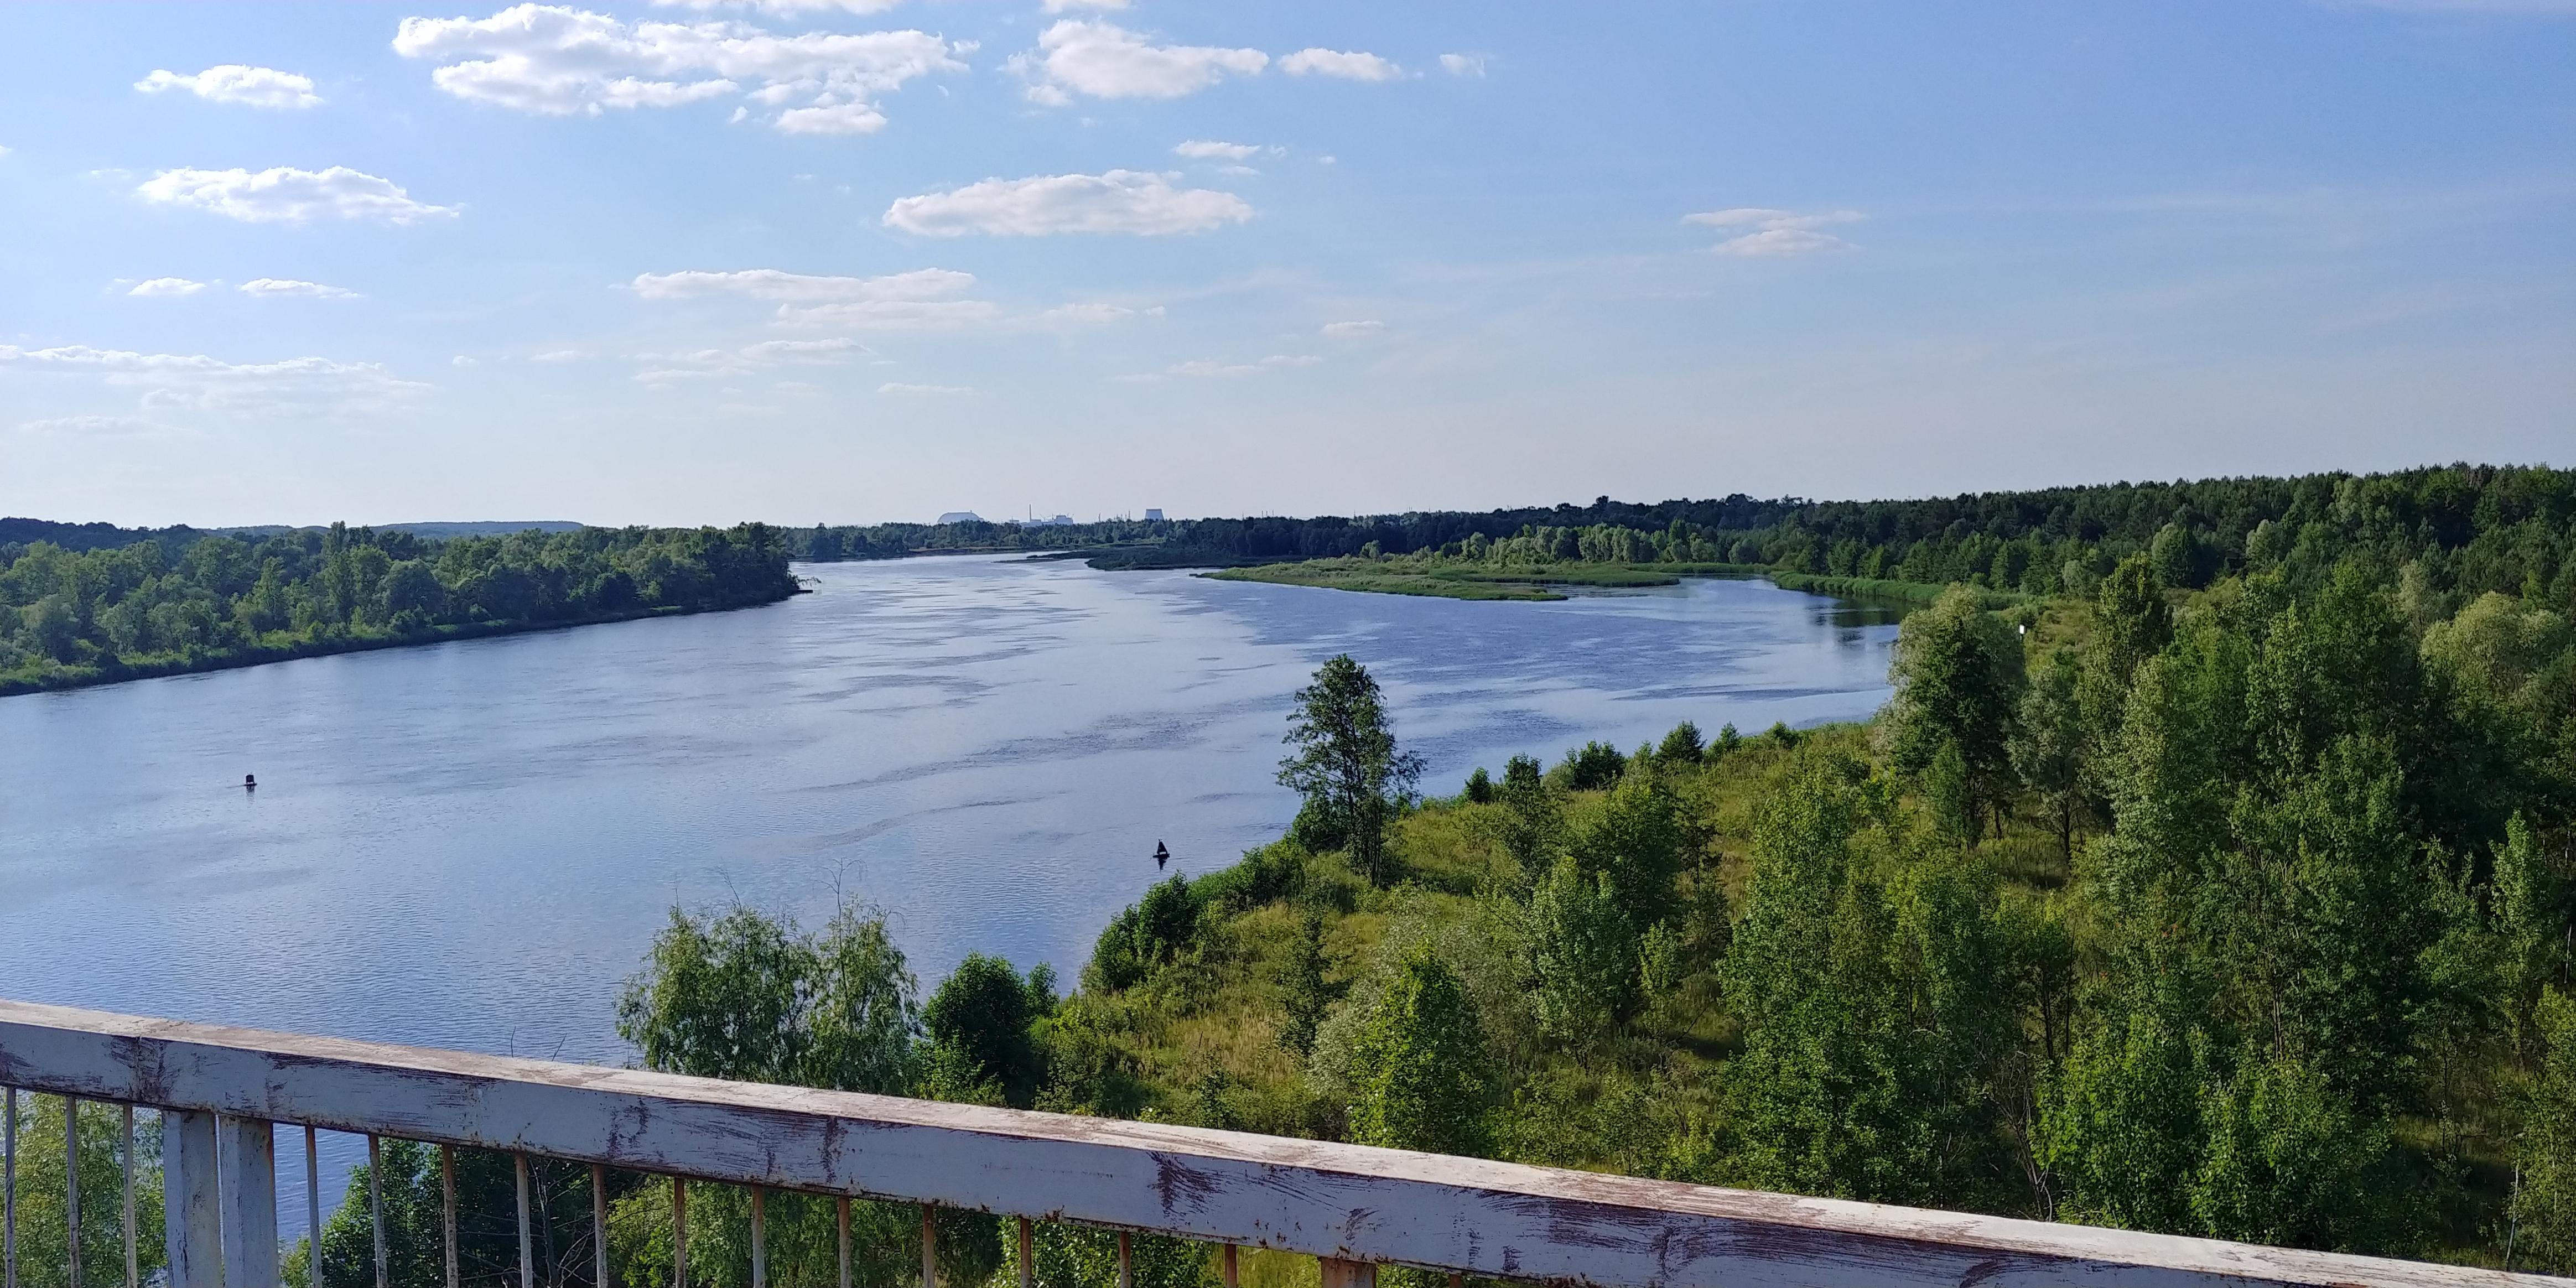 Rzeka Prypeć, widok z mostu w Czarnobylu. Fot. Tomasz Róg